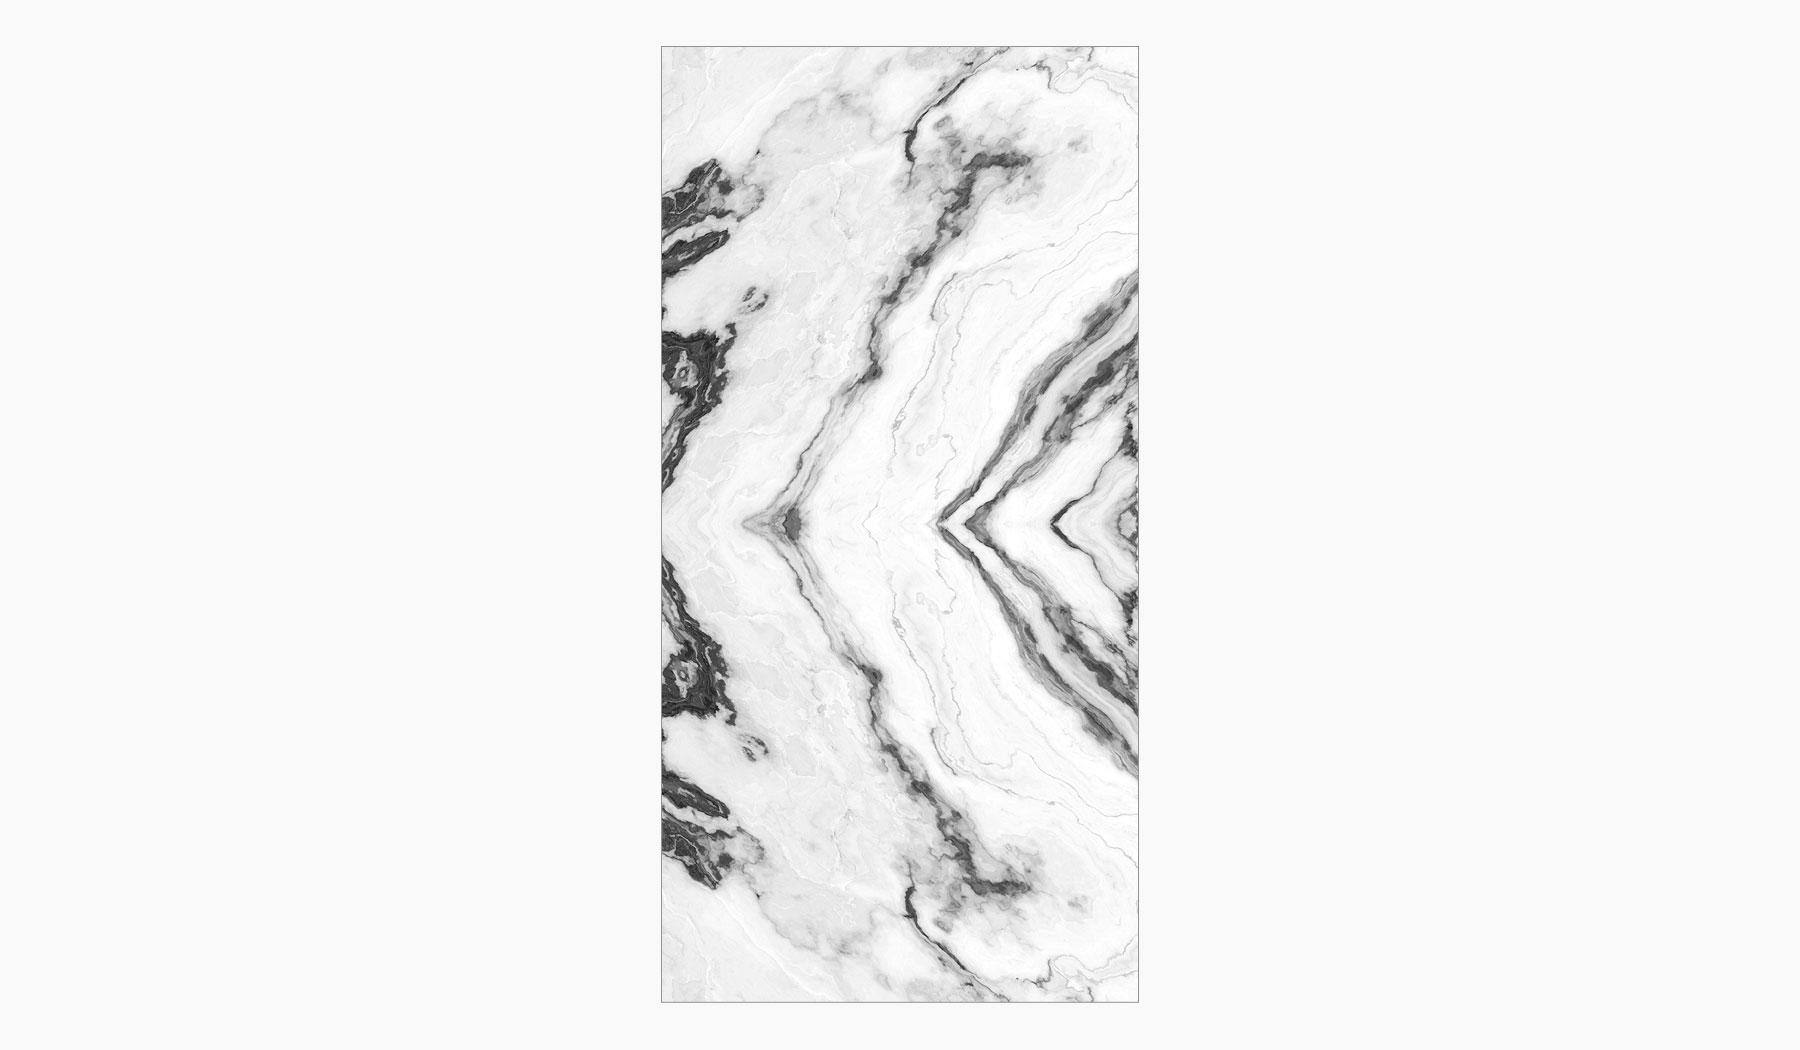 کاشی و سرامیک بوم سرامیک ، سرامیک پرسلان فسیل سفید سایز 60*120 لعاب فول پولیش صاف با زمینه سنگ